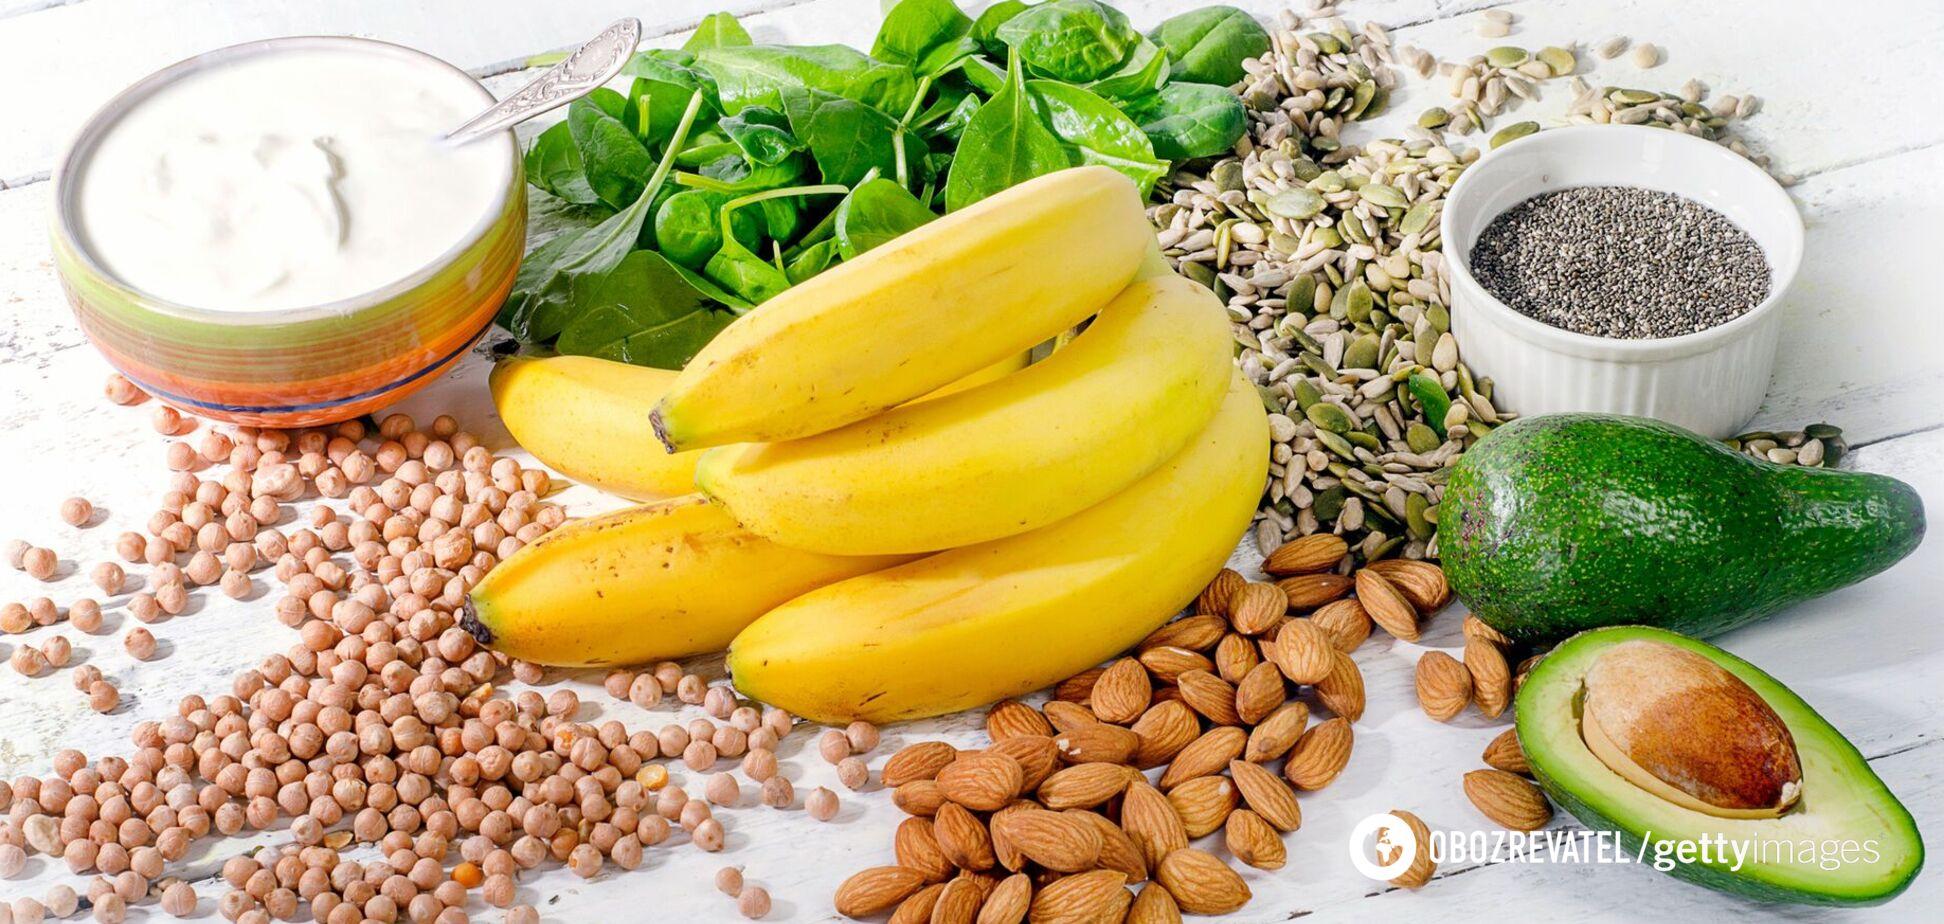 Авокадо содержит много магния, калия, марганца и меди